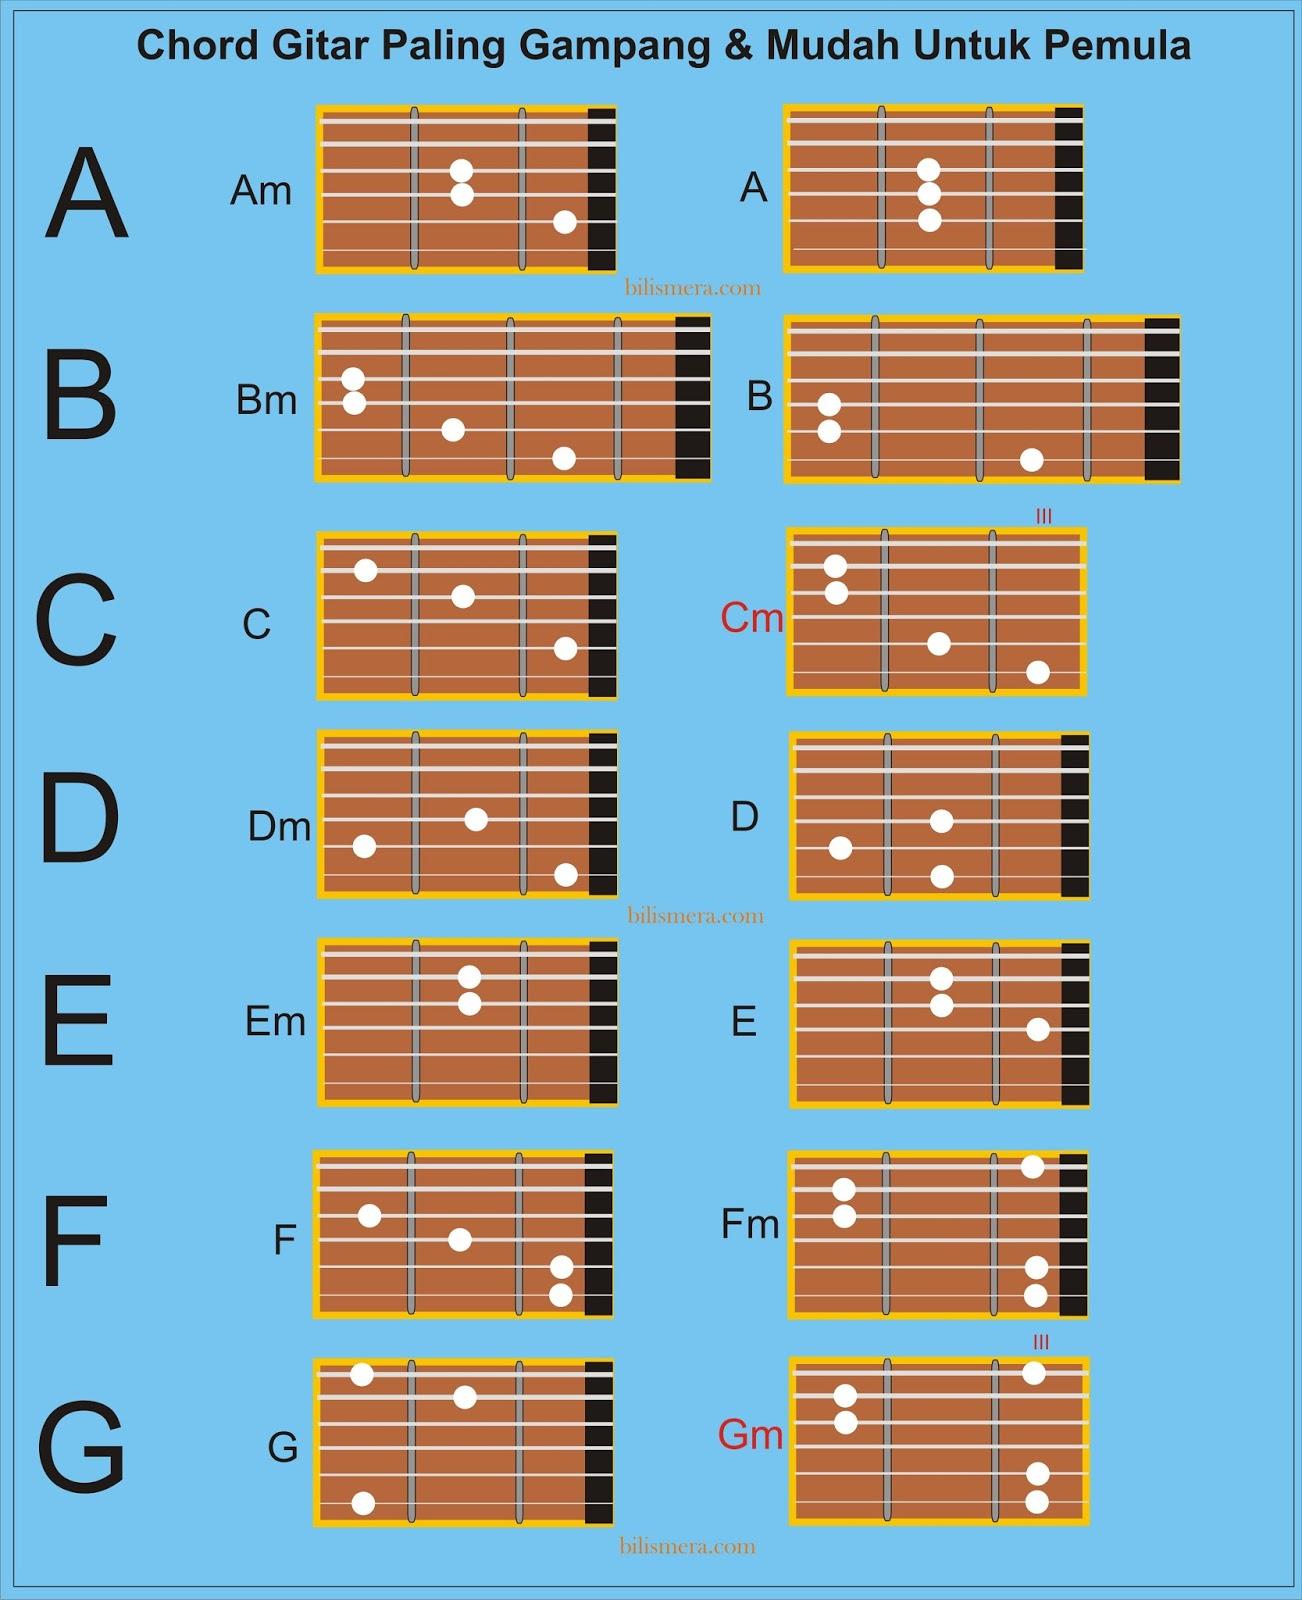 Cara Cepat Bisa Bermain Gitar, Paling Mudah Dan Gampang